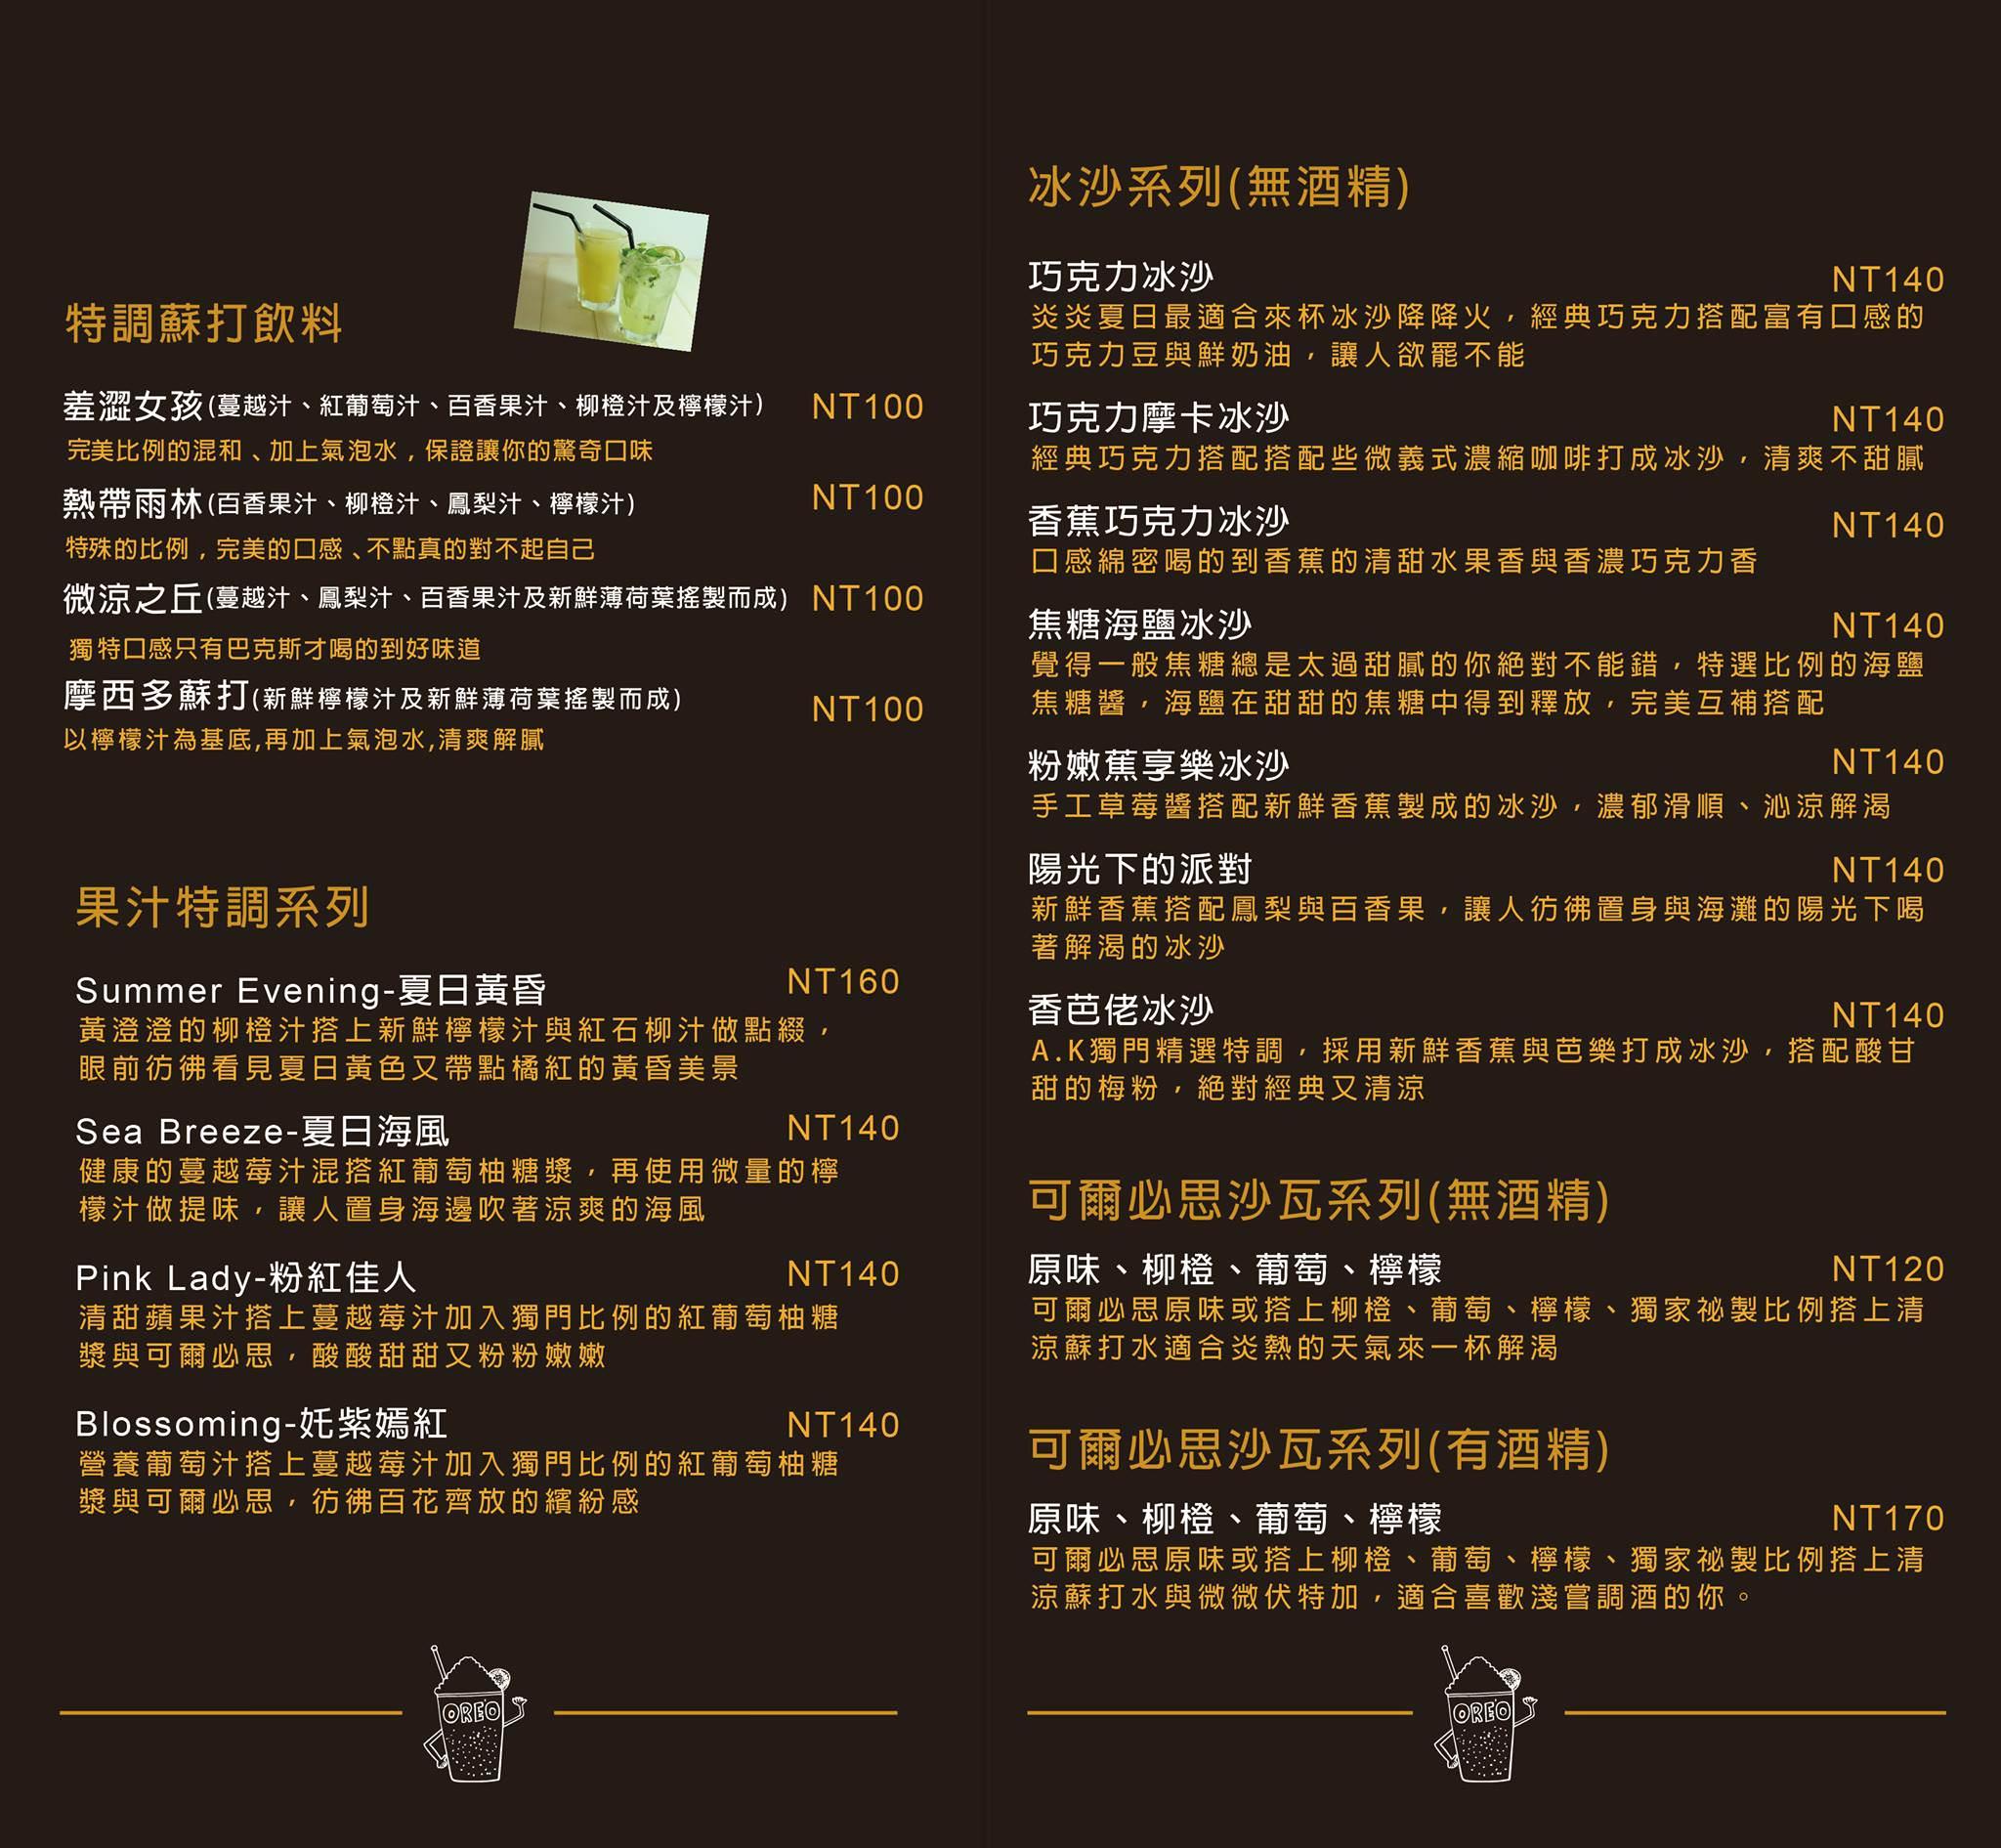 餐廳台北,餐廳推薦,AK12,AK12美式小館,台北捷運,捷運美食,西門美食,西門町 餐廳,美式餐廳,巴克斯,調酒-60